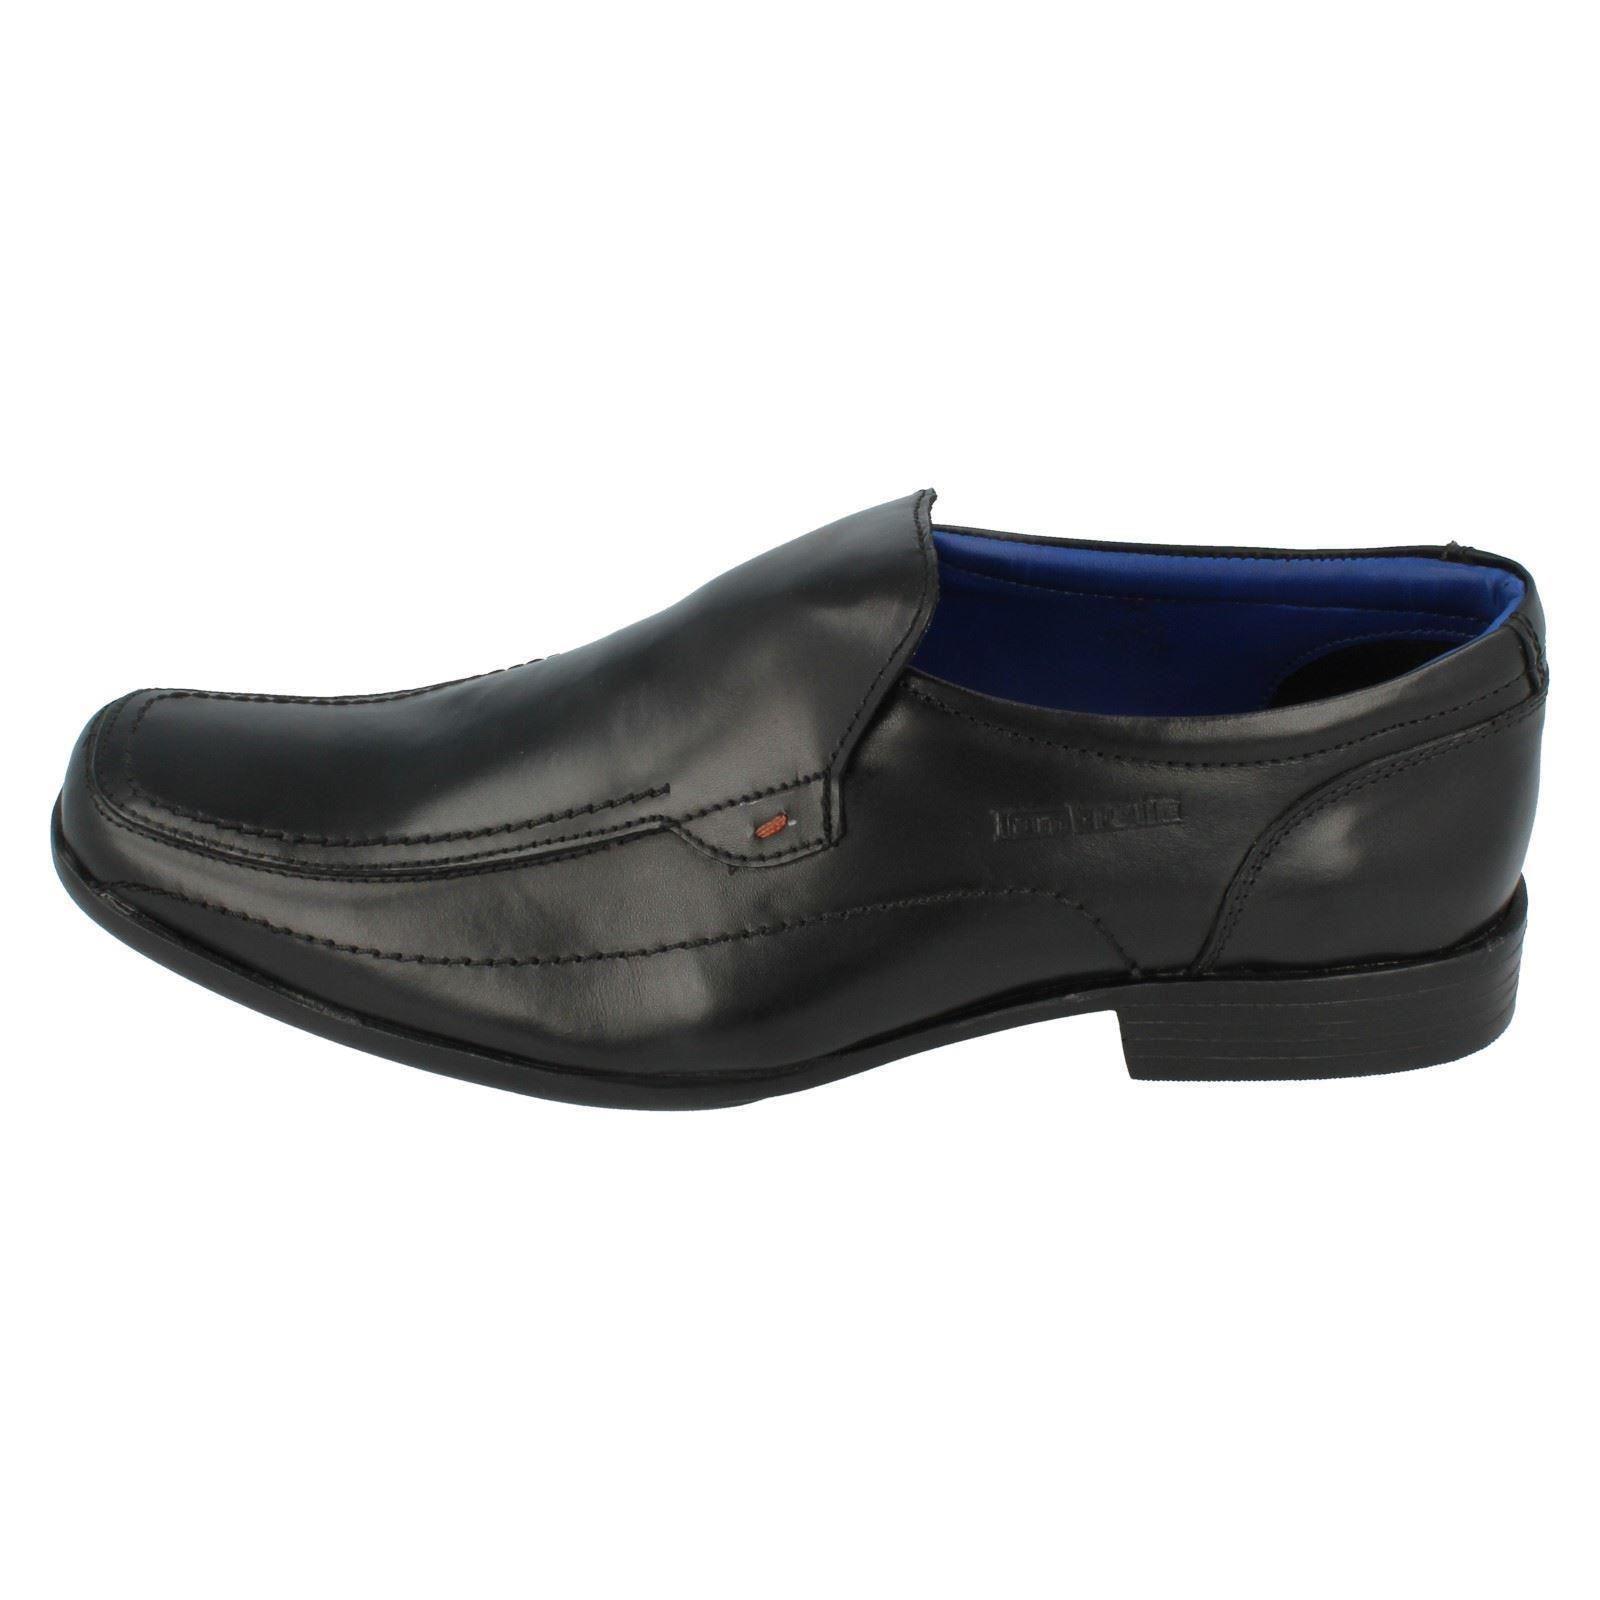 Onlineshoe Lujo de Piel Hombres Forrado Slip Zapatillas Mulas con Duro USA Marrón Suela - Marrón, US8 Uk7 - Eu40 - Negro